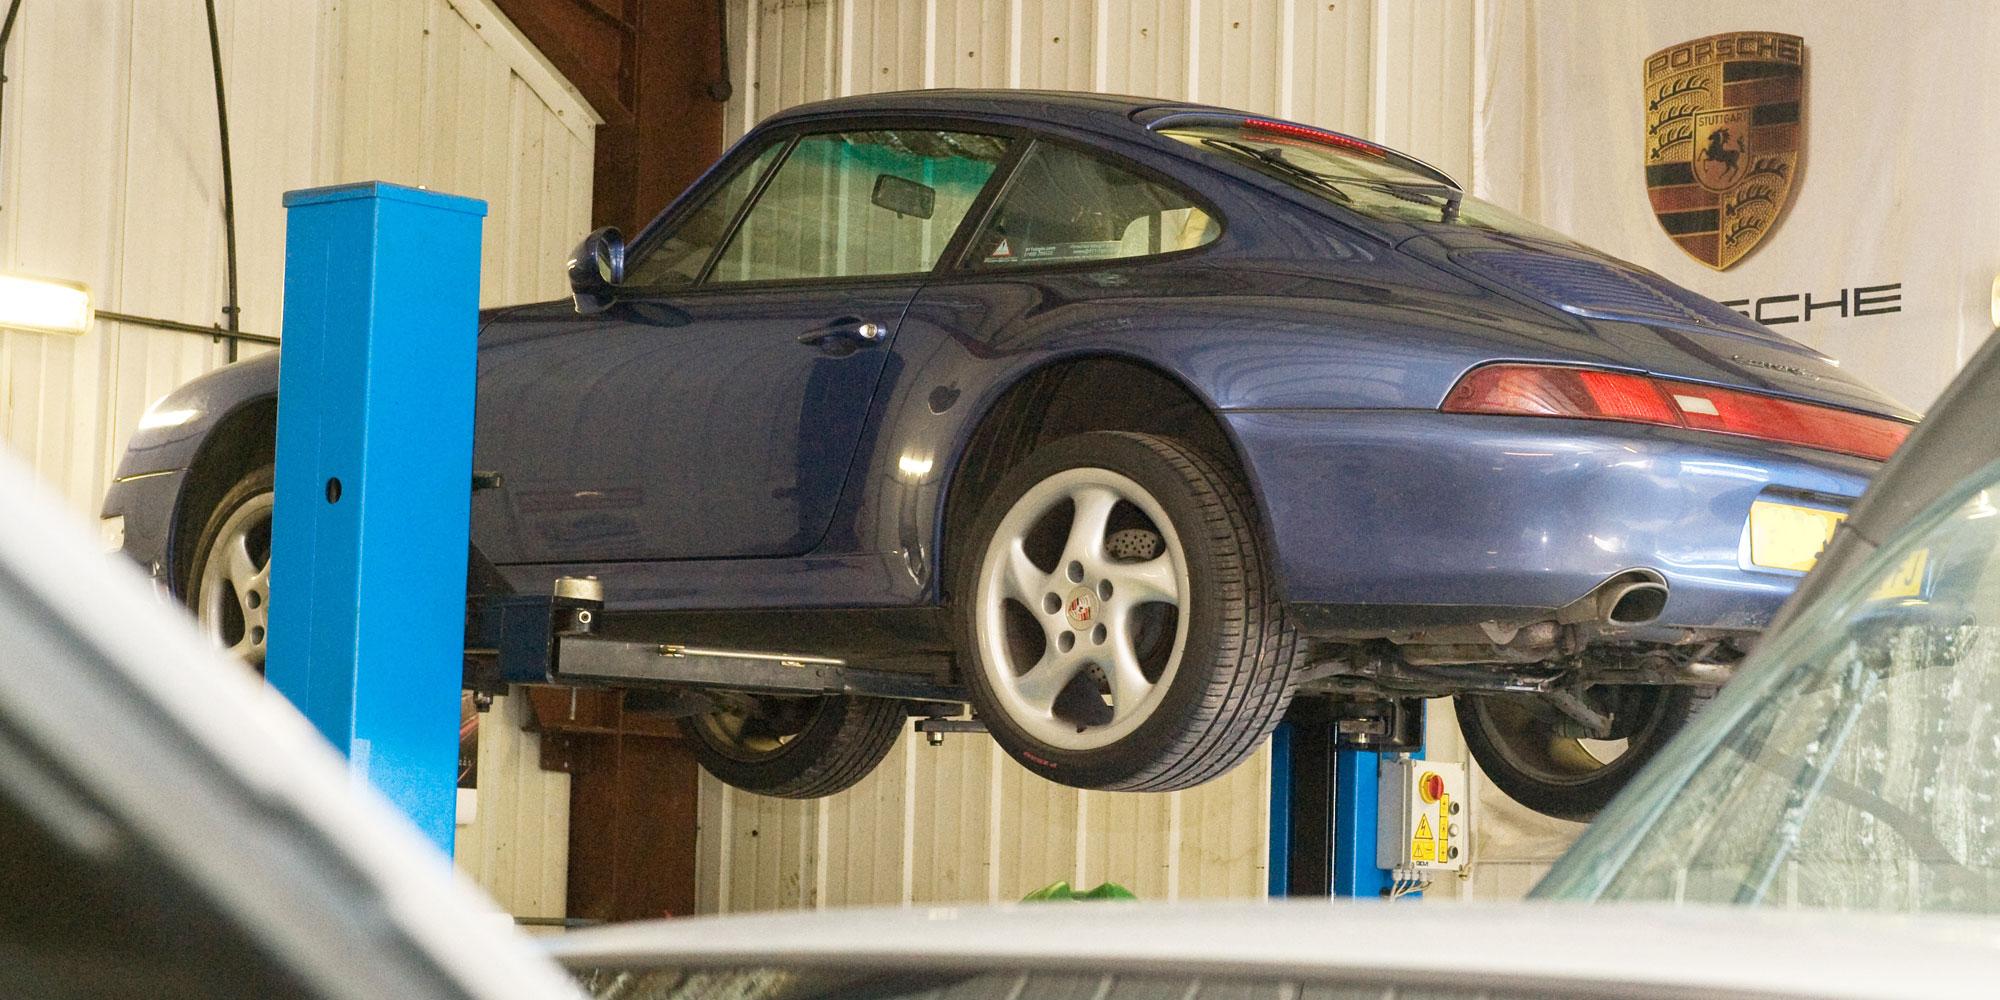 Porsche on a ramp